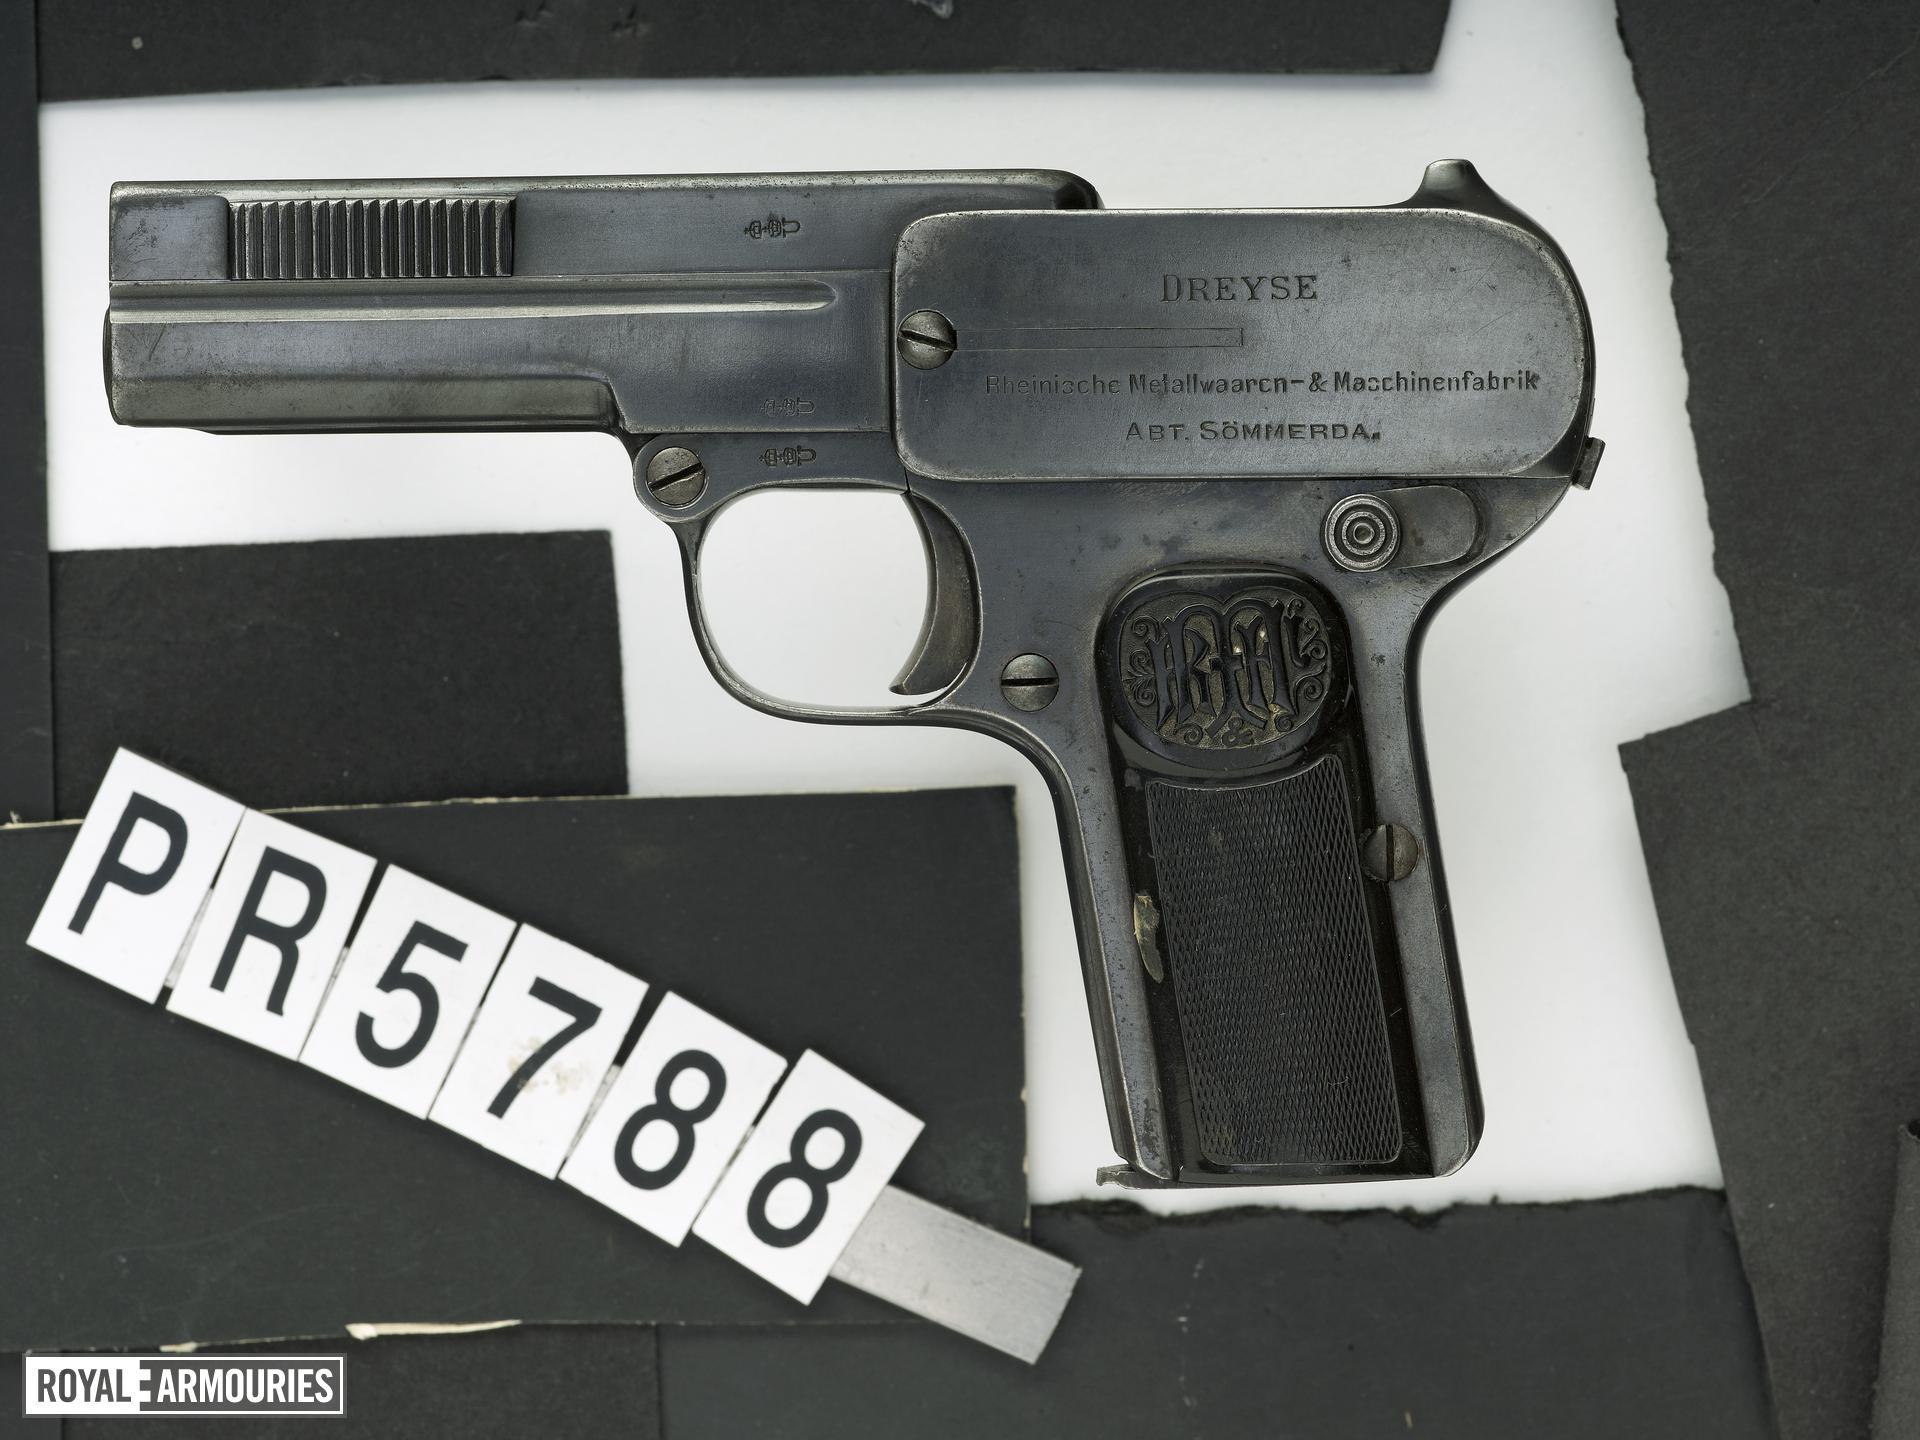 Centrefire self-loading pistol - Dreyse Model 1907